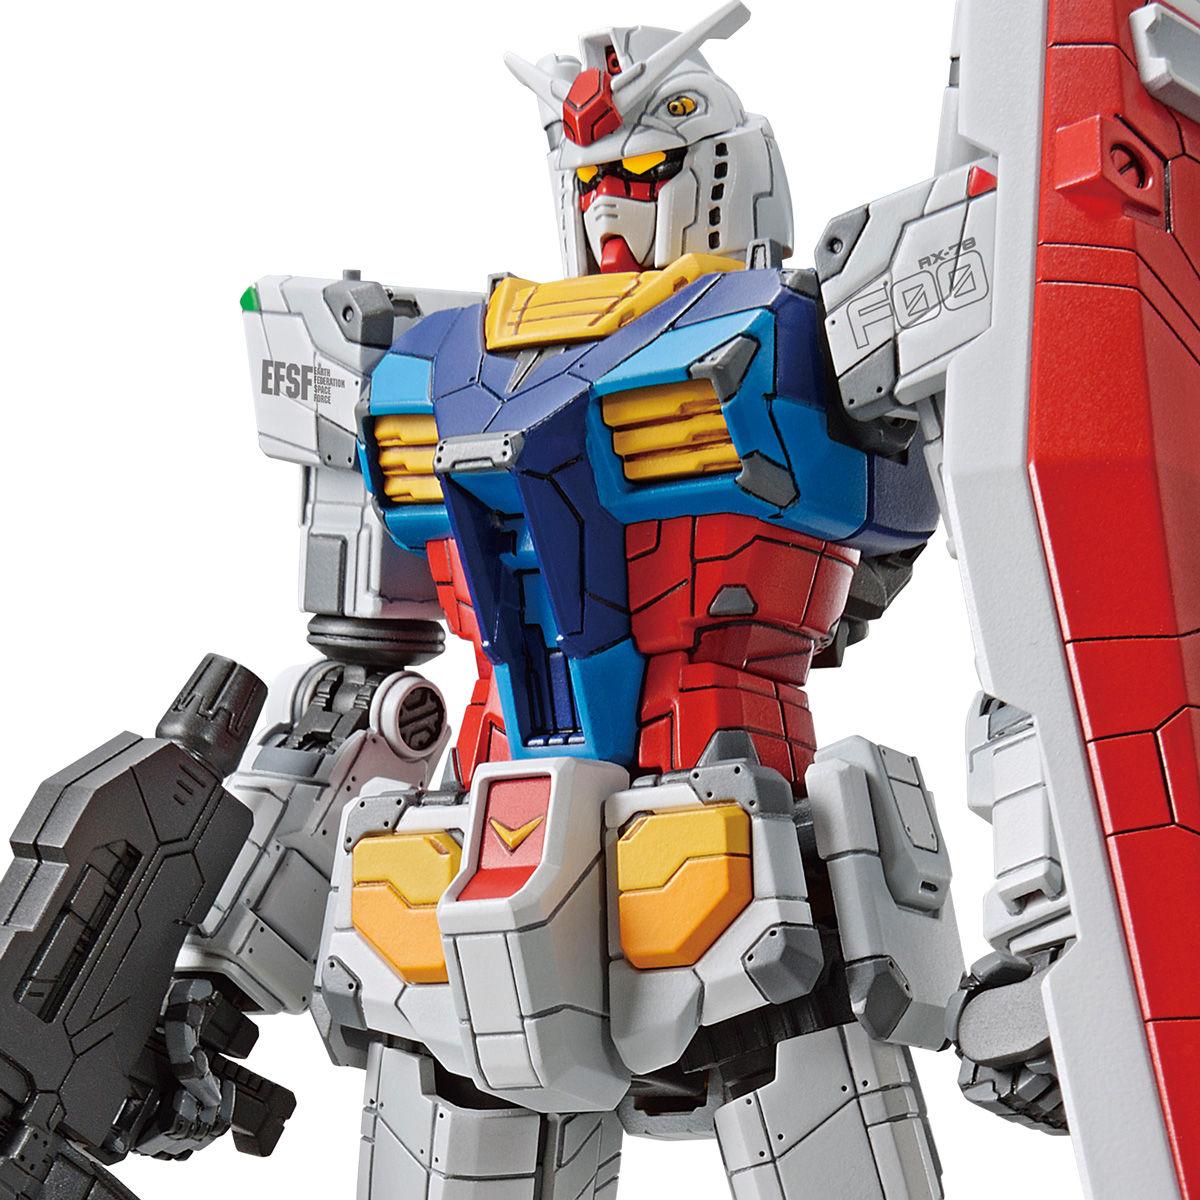 【再販】GUNDAM FACTORY YOKOHAMA『RX-78F00 ガンダム&ガンダムドック』1/144 プラモデル-001